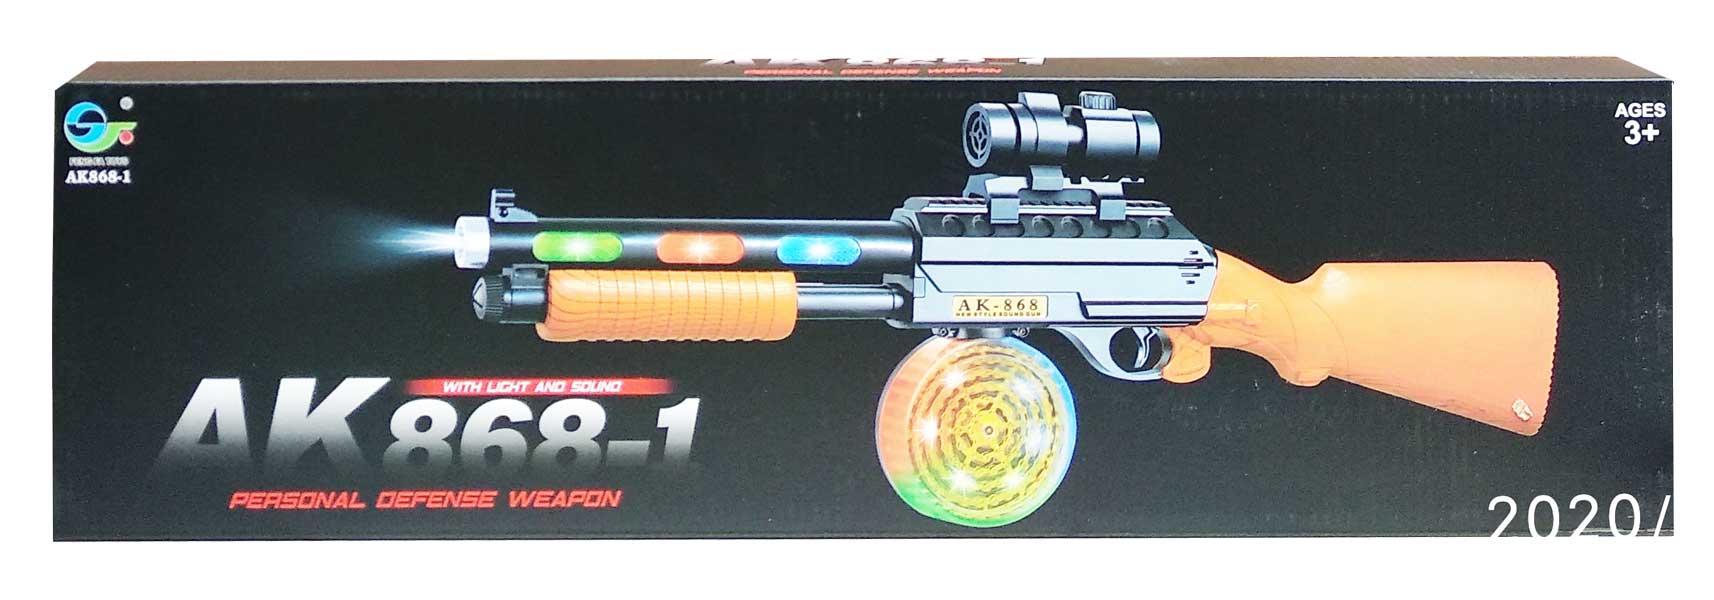 toko mainan online GUN AK868-1